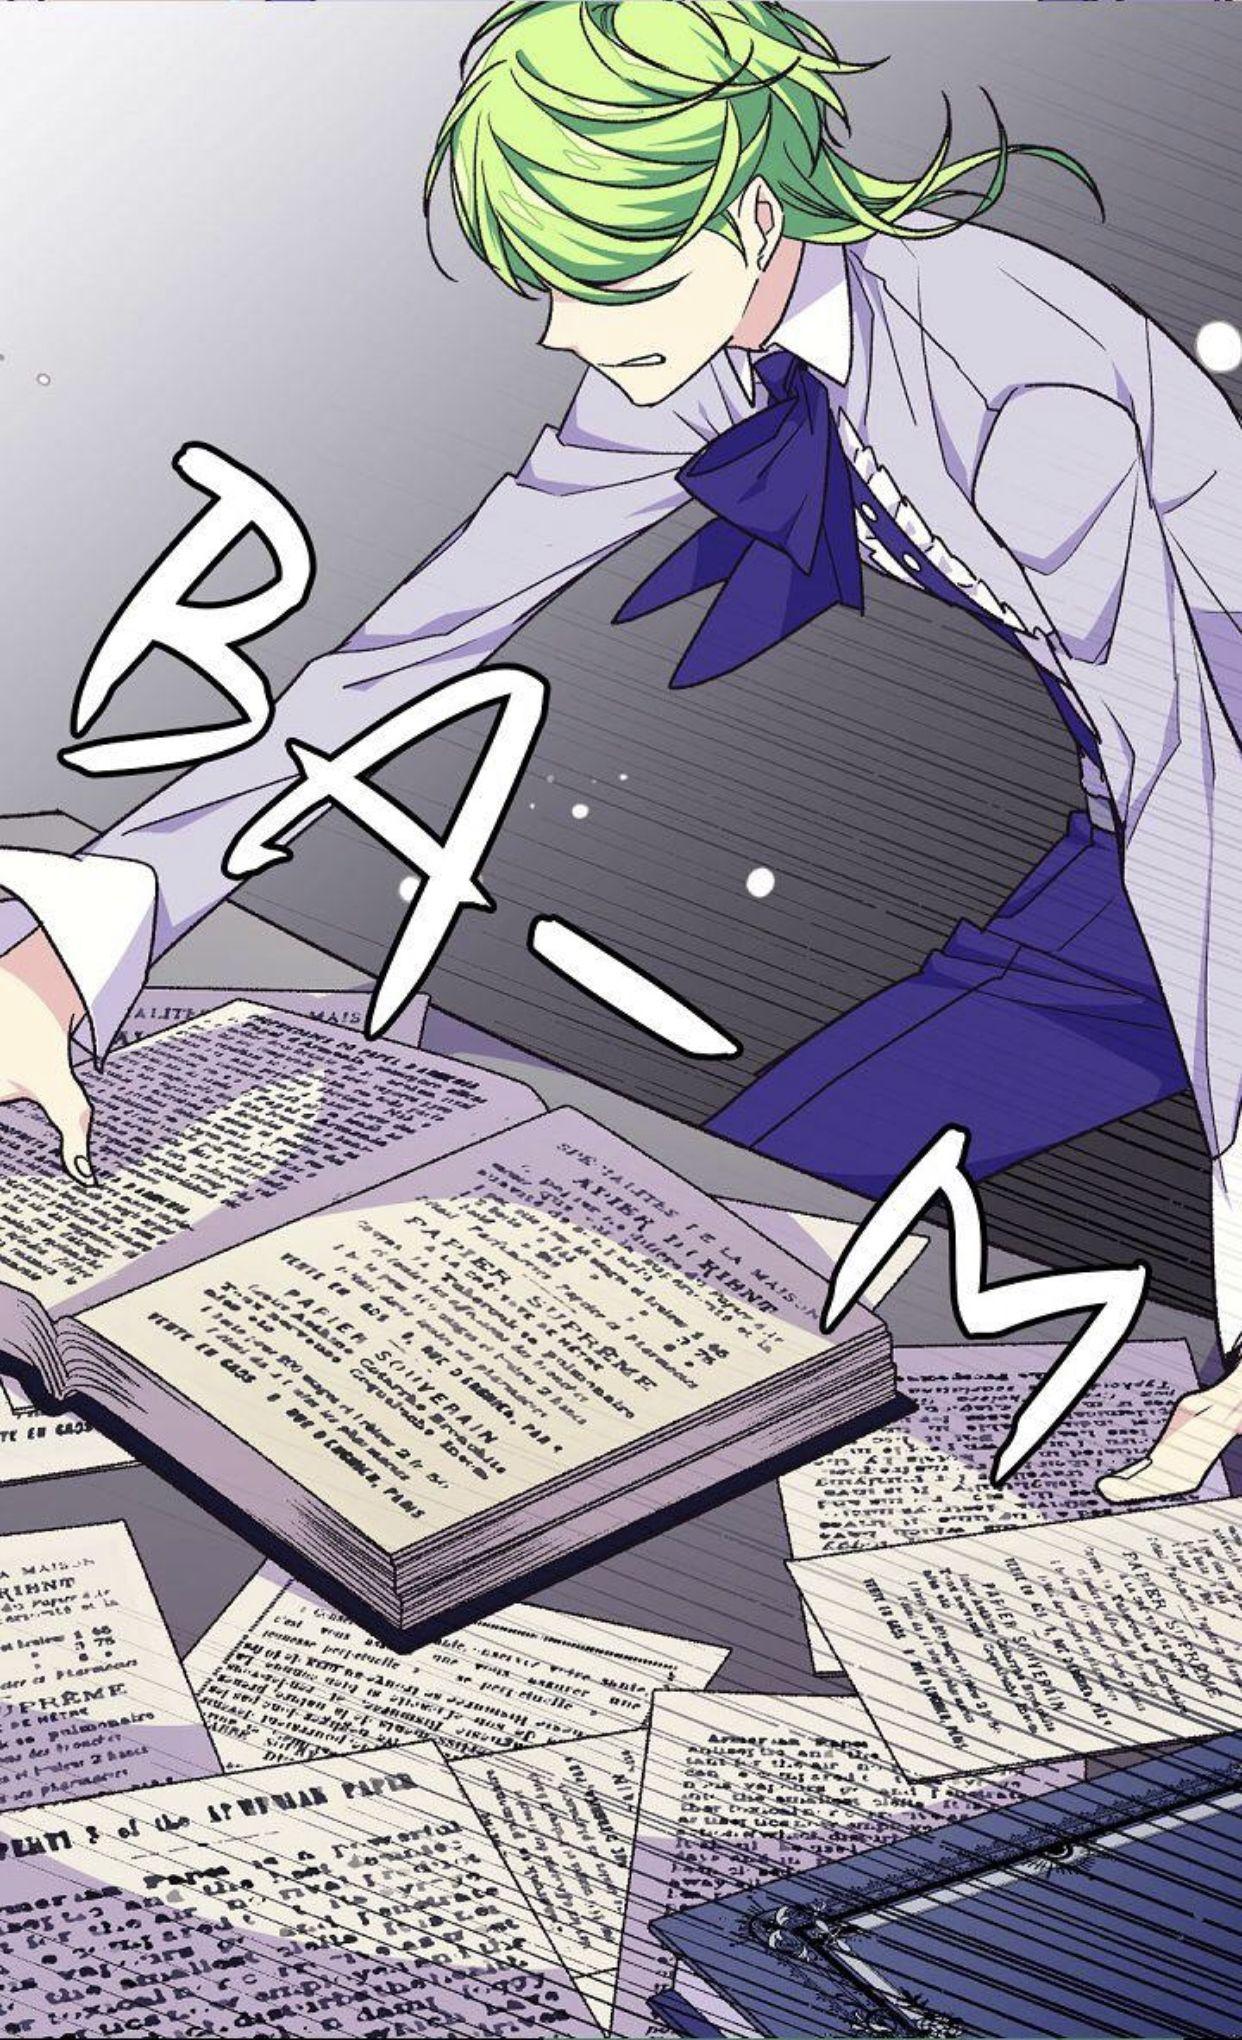 Pin by Sakurayue on hoàng hậu bị ruồng bỏ Anime